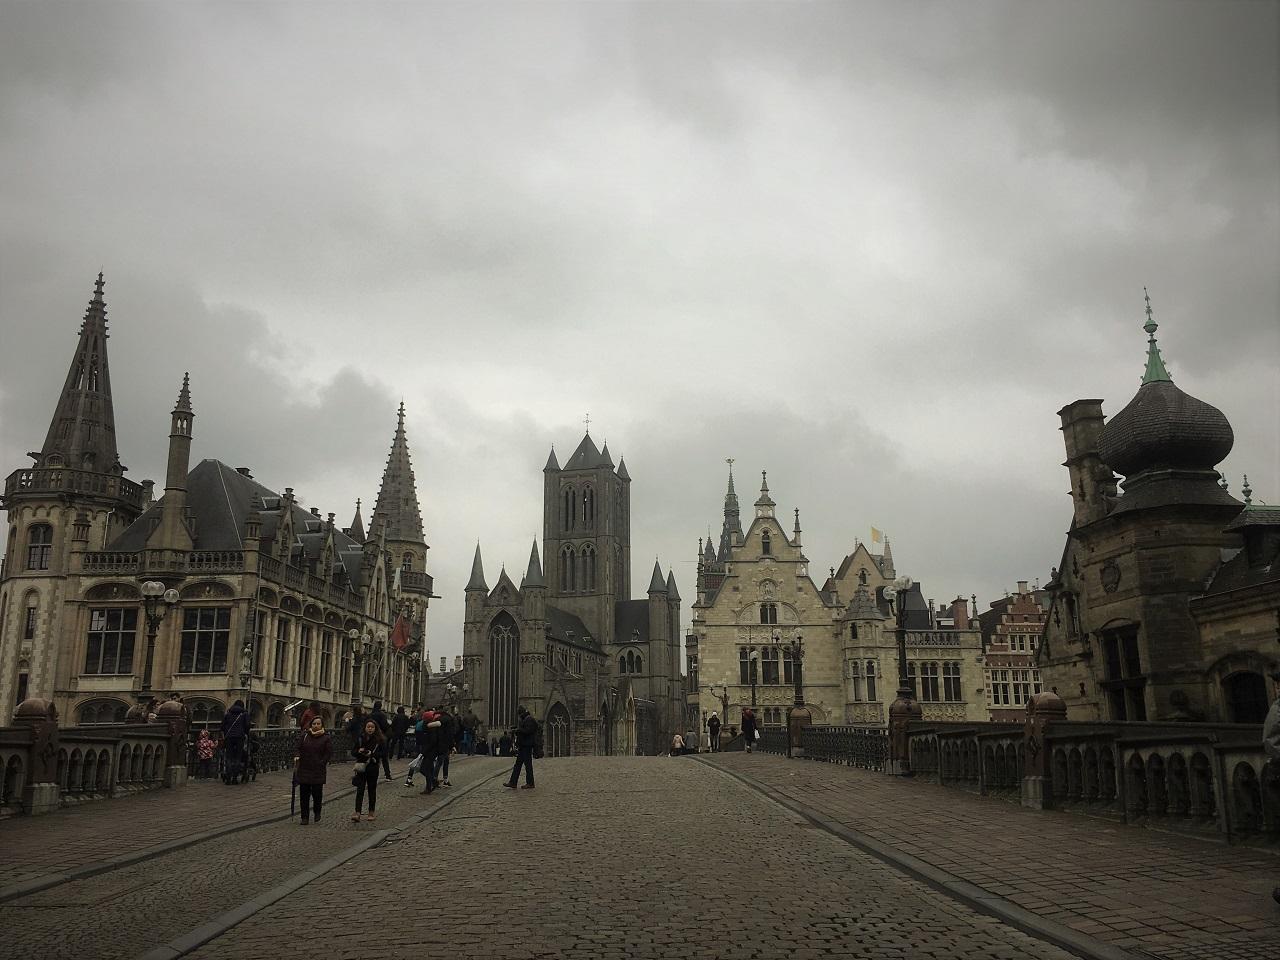 ベルギーの古都ゲントの街歩きと老舗カフェのMAXでワッフルを食べよう!